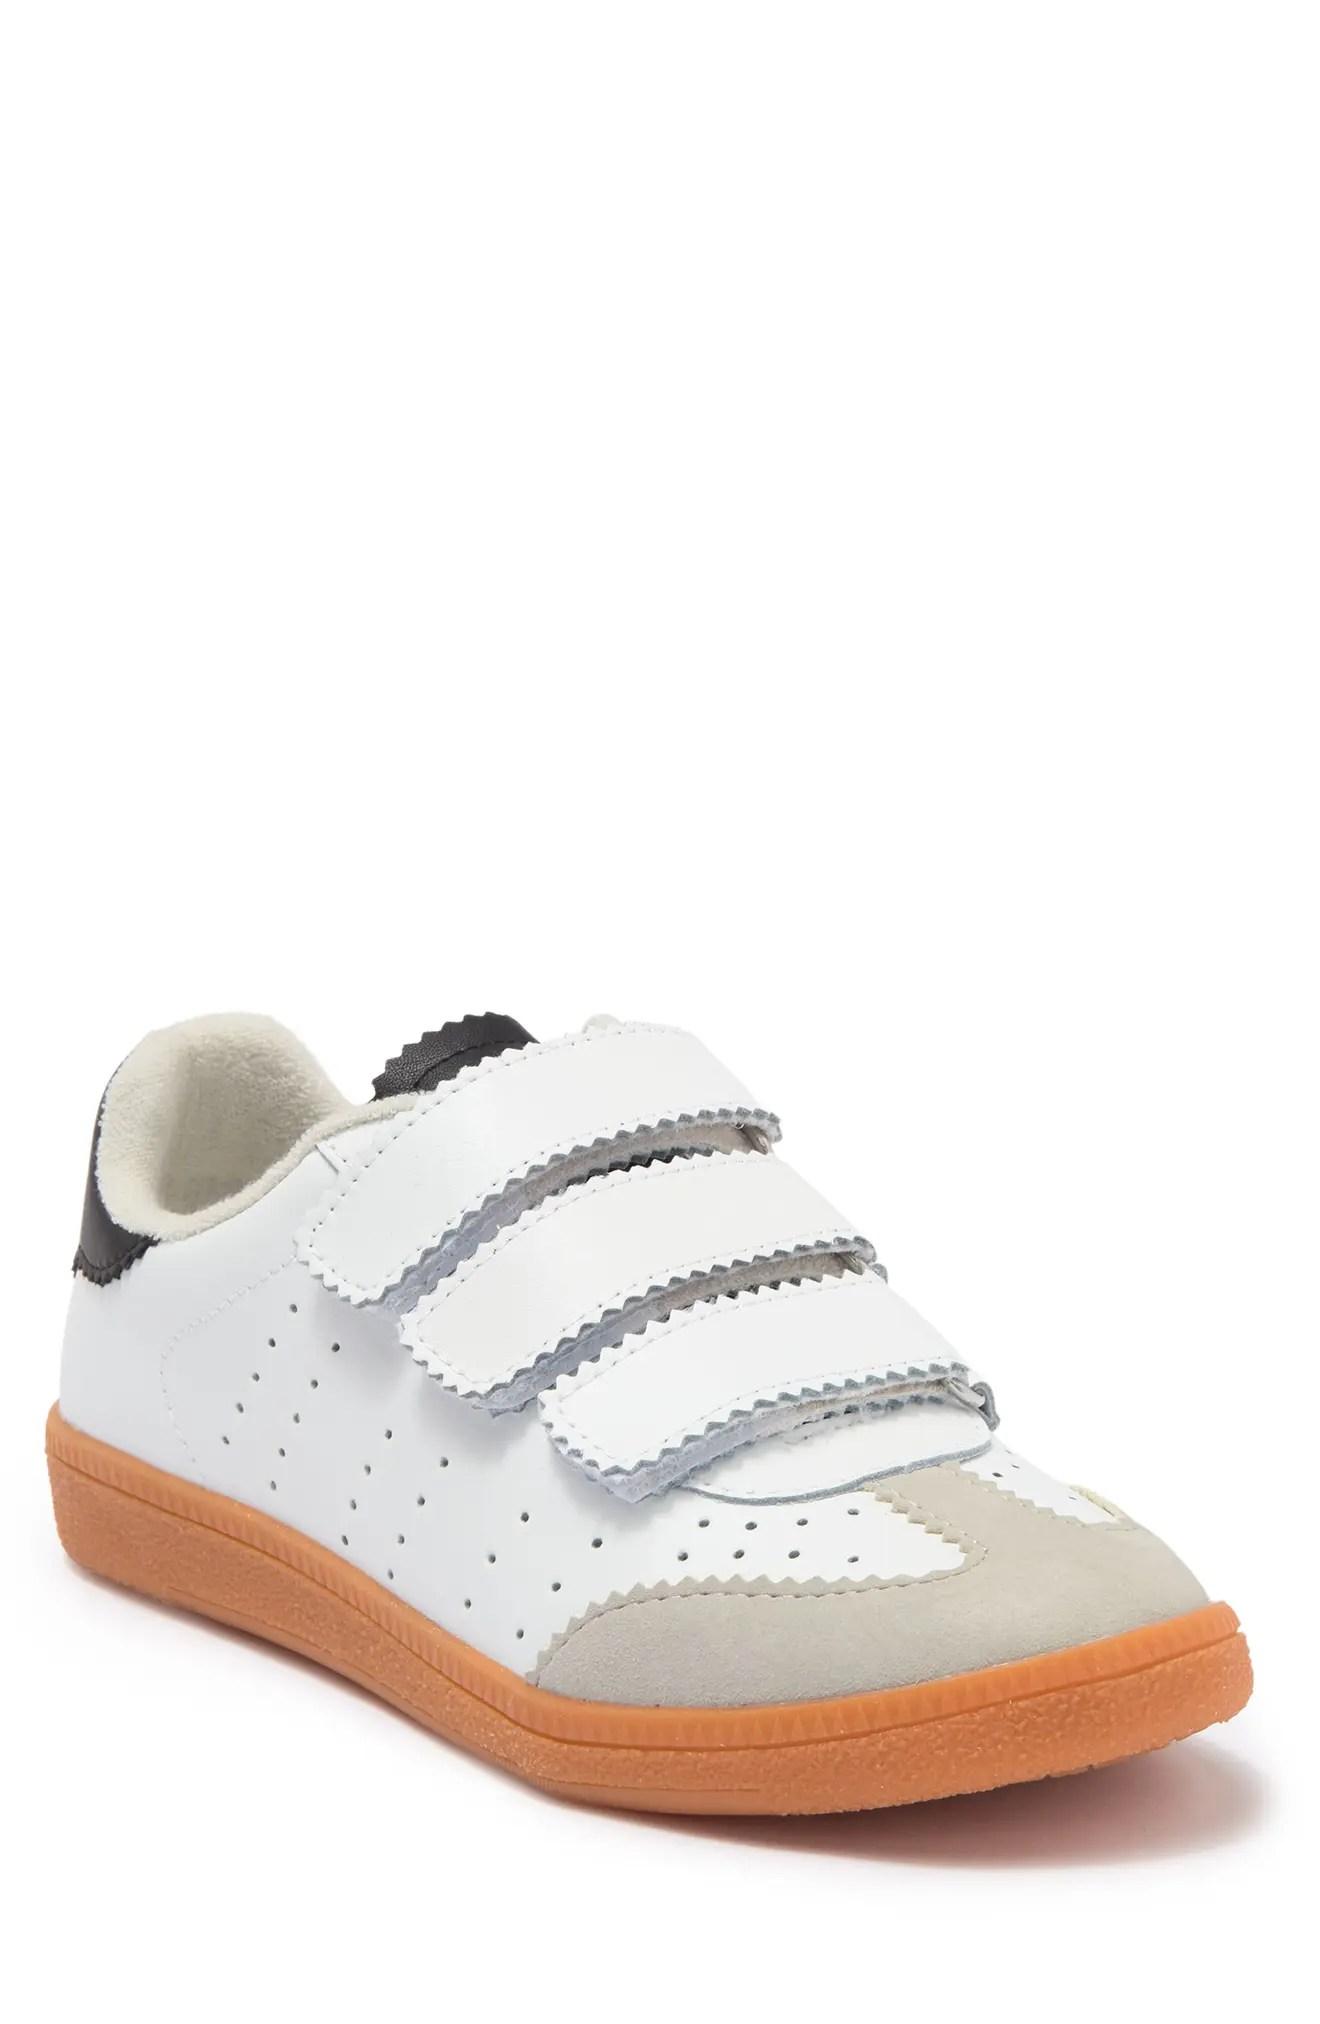 steve madden women s slip on sneakers